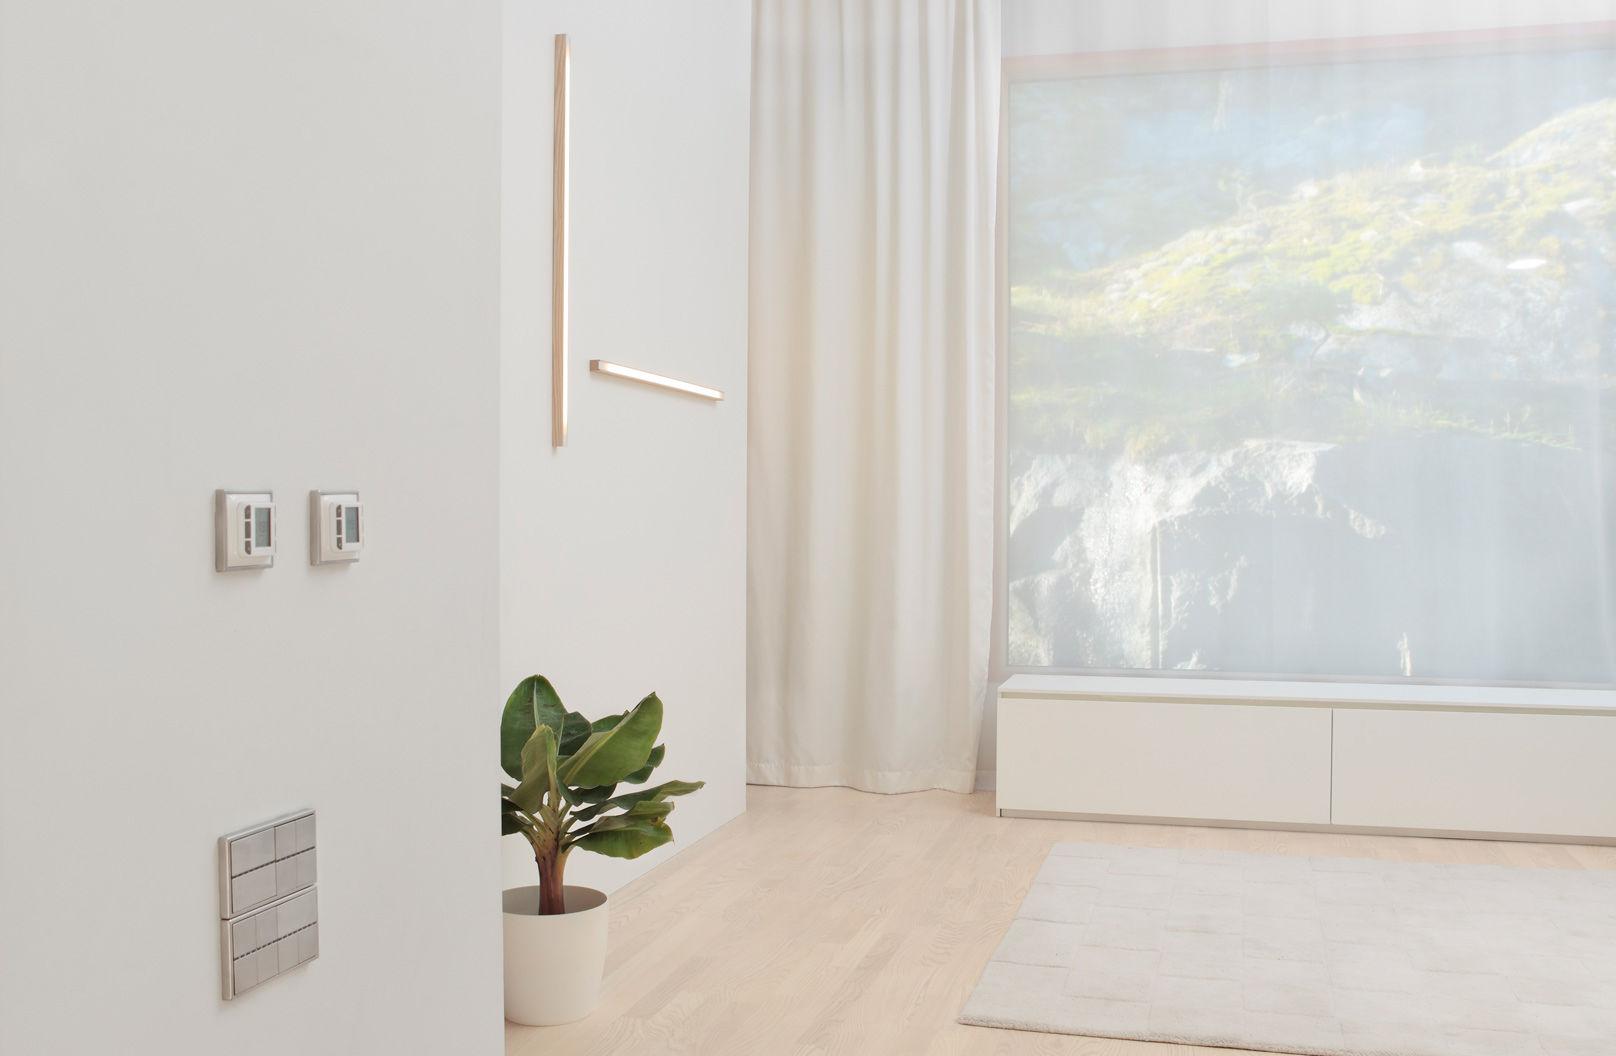 Applique moderna in legno led lineare led tunto